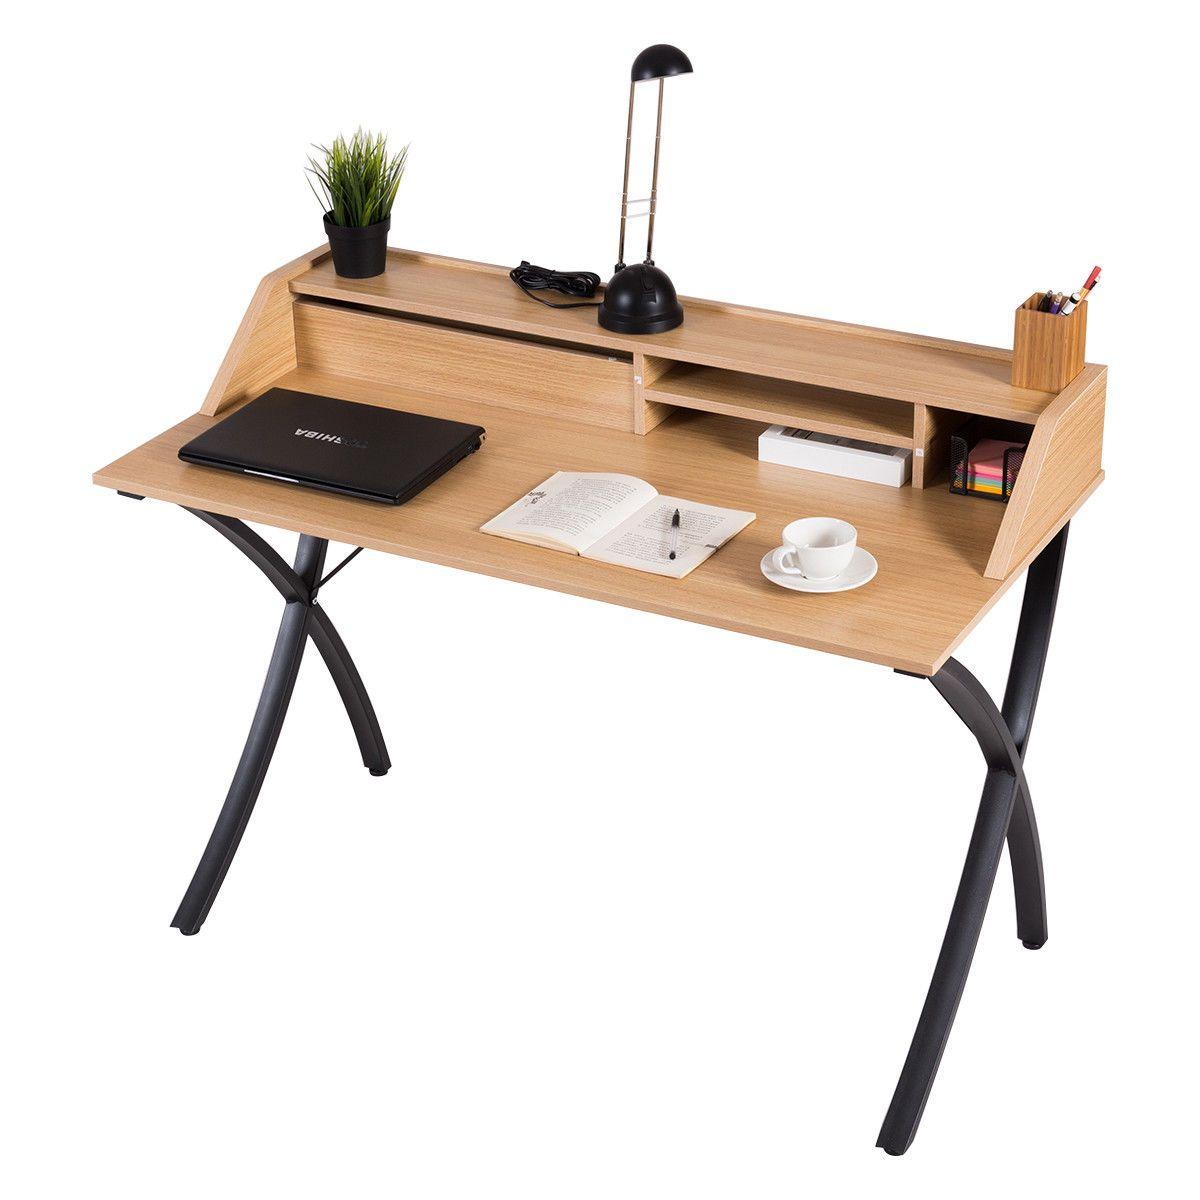 Bureau Informatique Table De Travail Table Pour Ordinateur Meuble De Bureau Ebay Desk Office Desk Drafting Desk